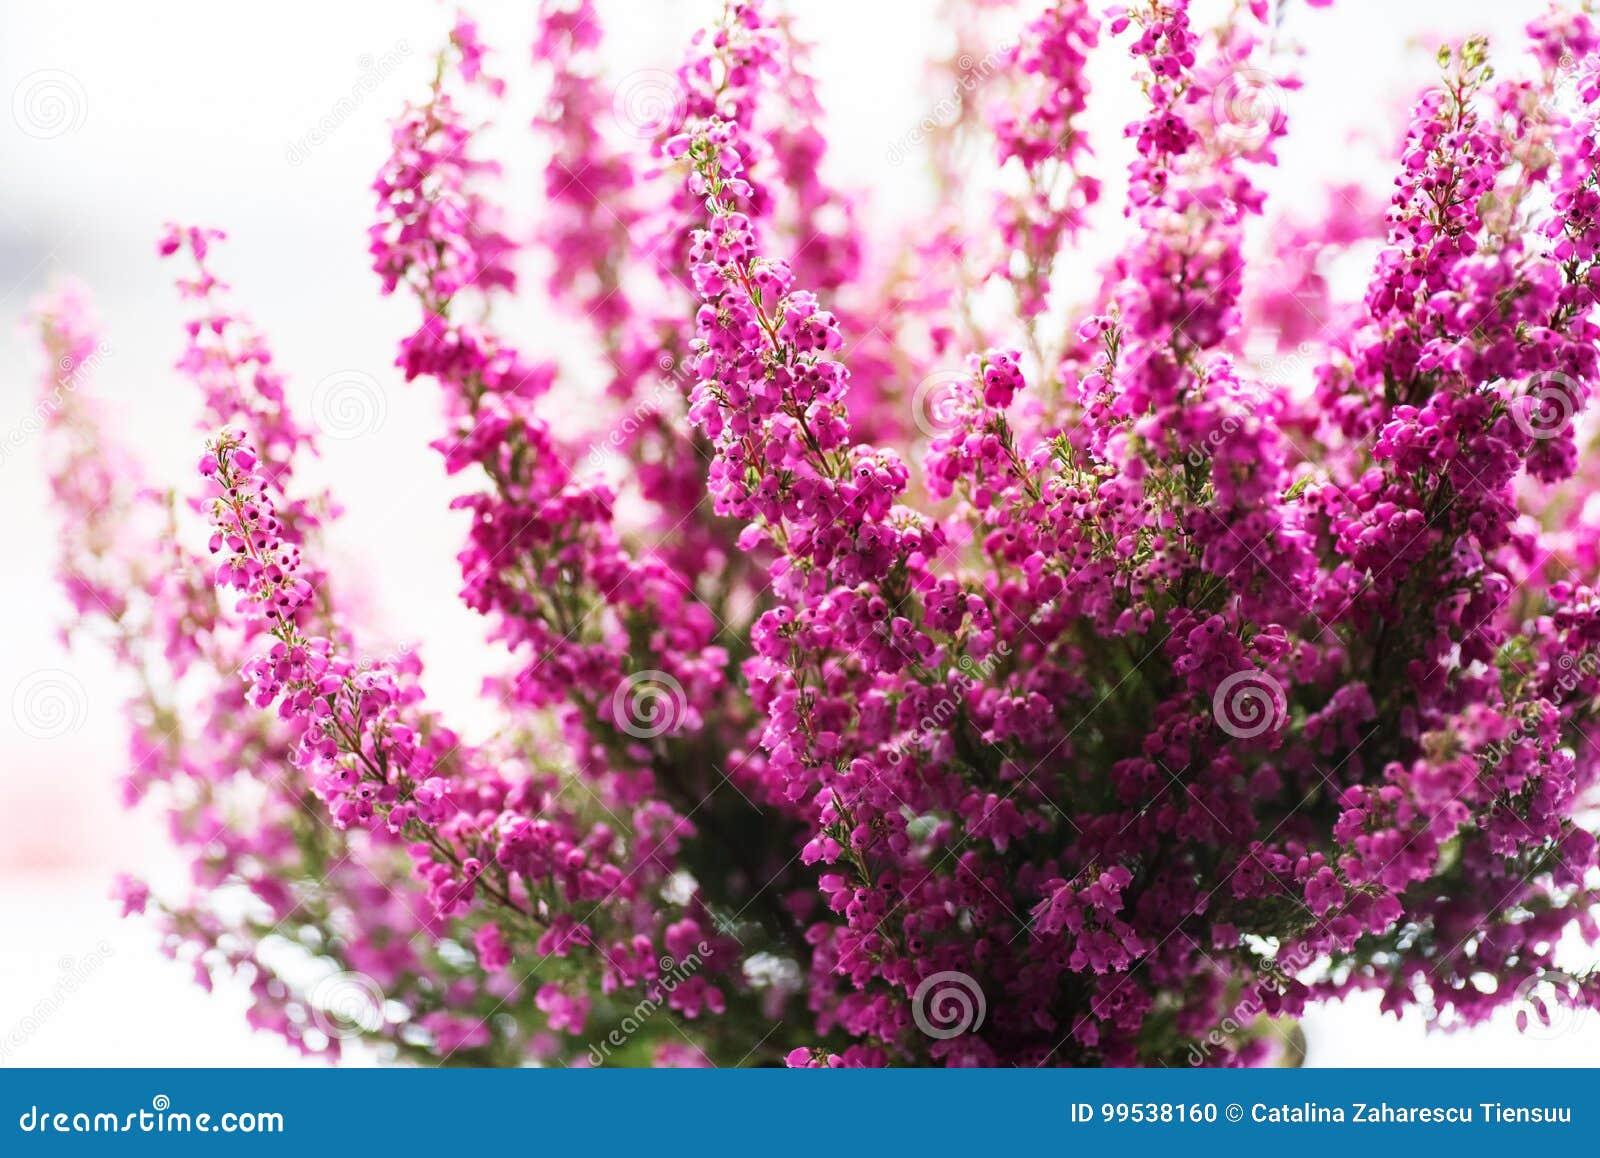 Bruyere Gracilis D Hiver De Bruyere Dans La Pleine Fleur Photo Stock